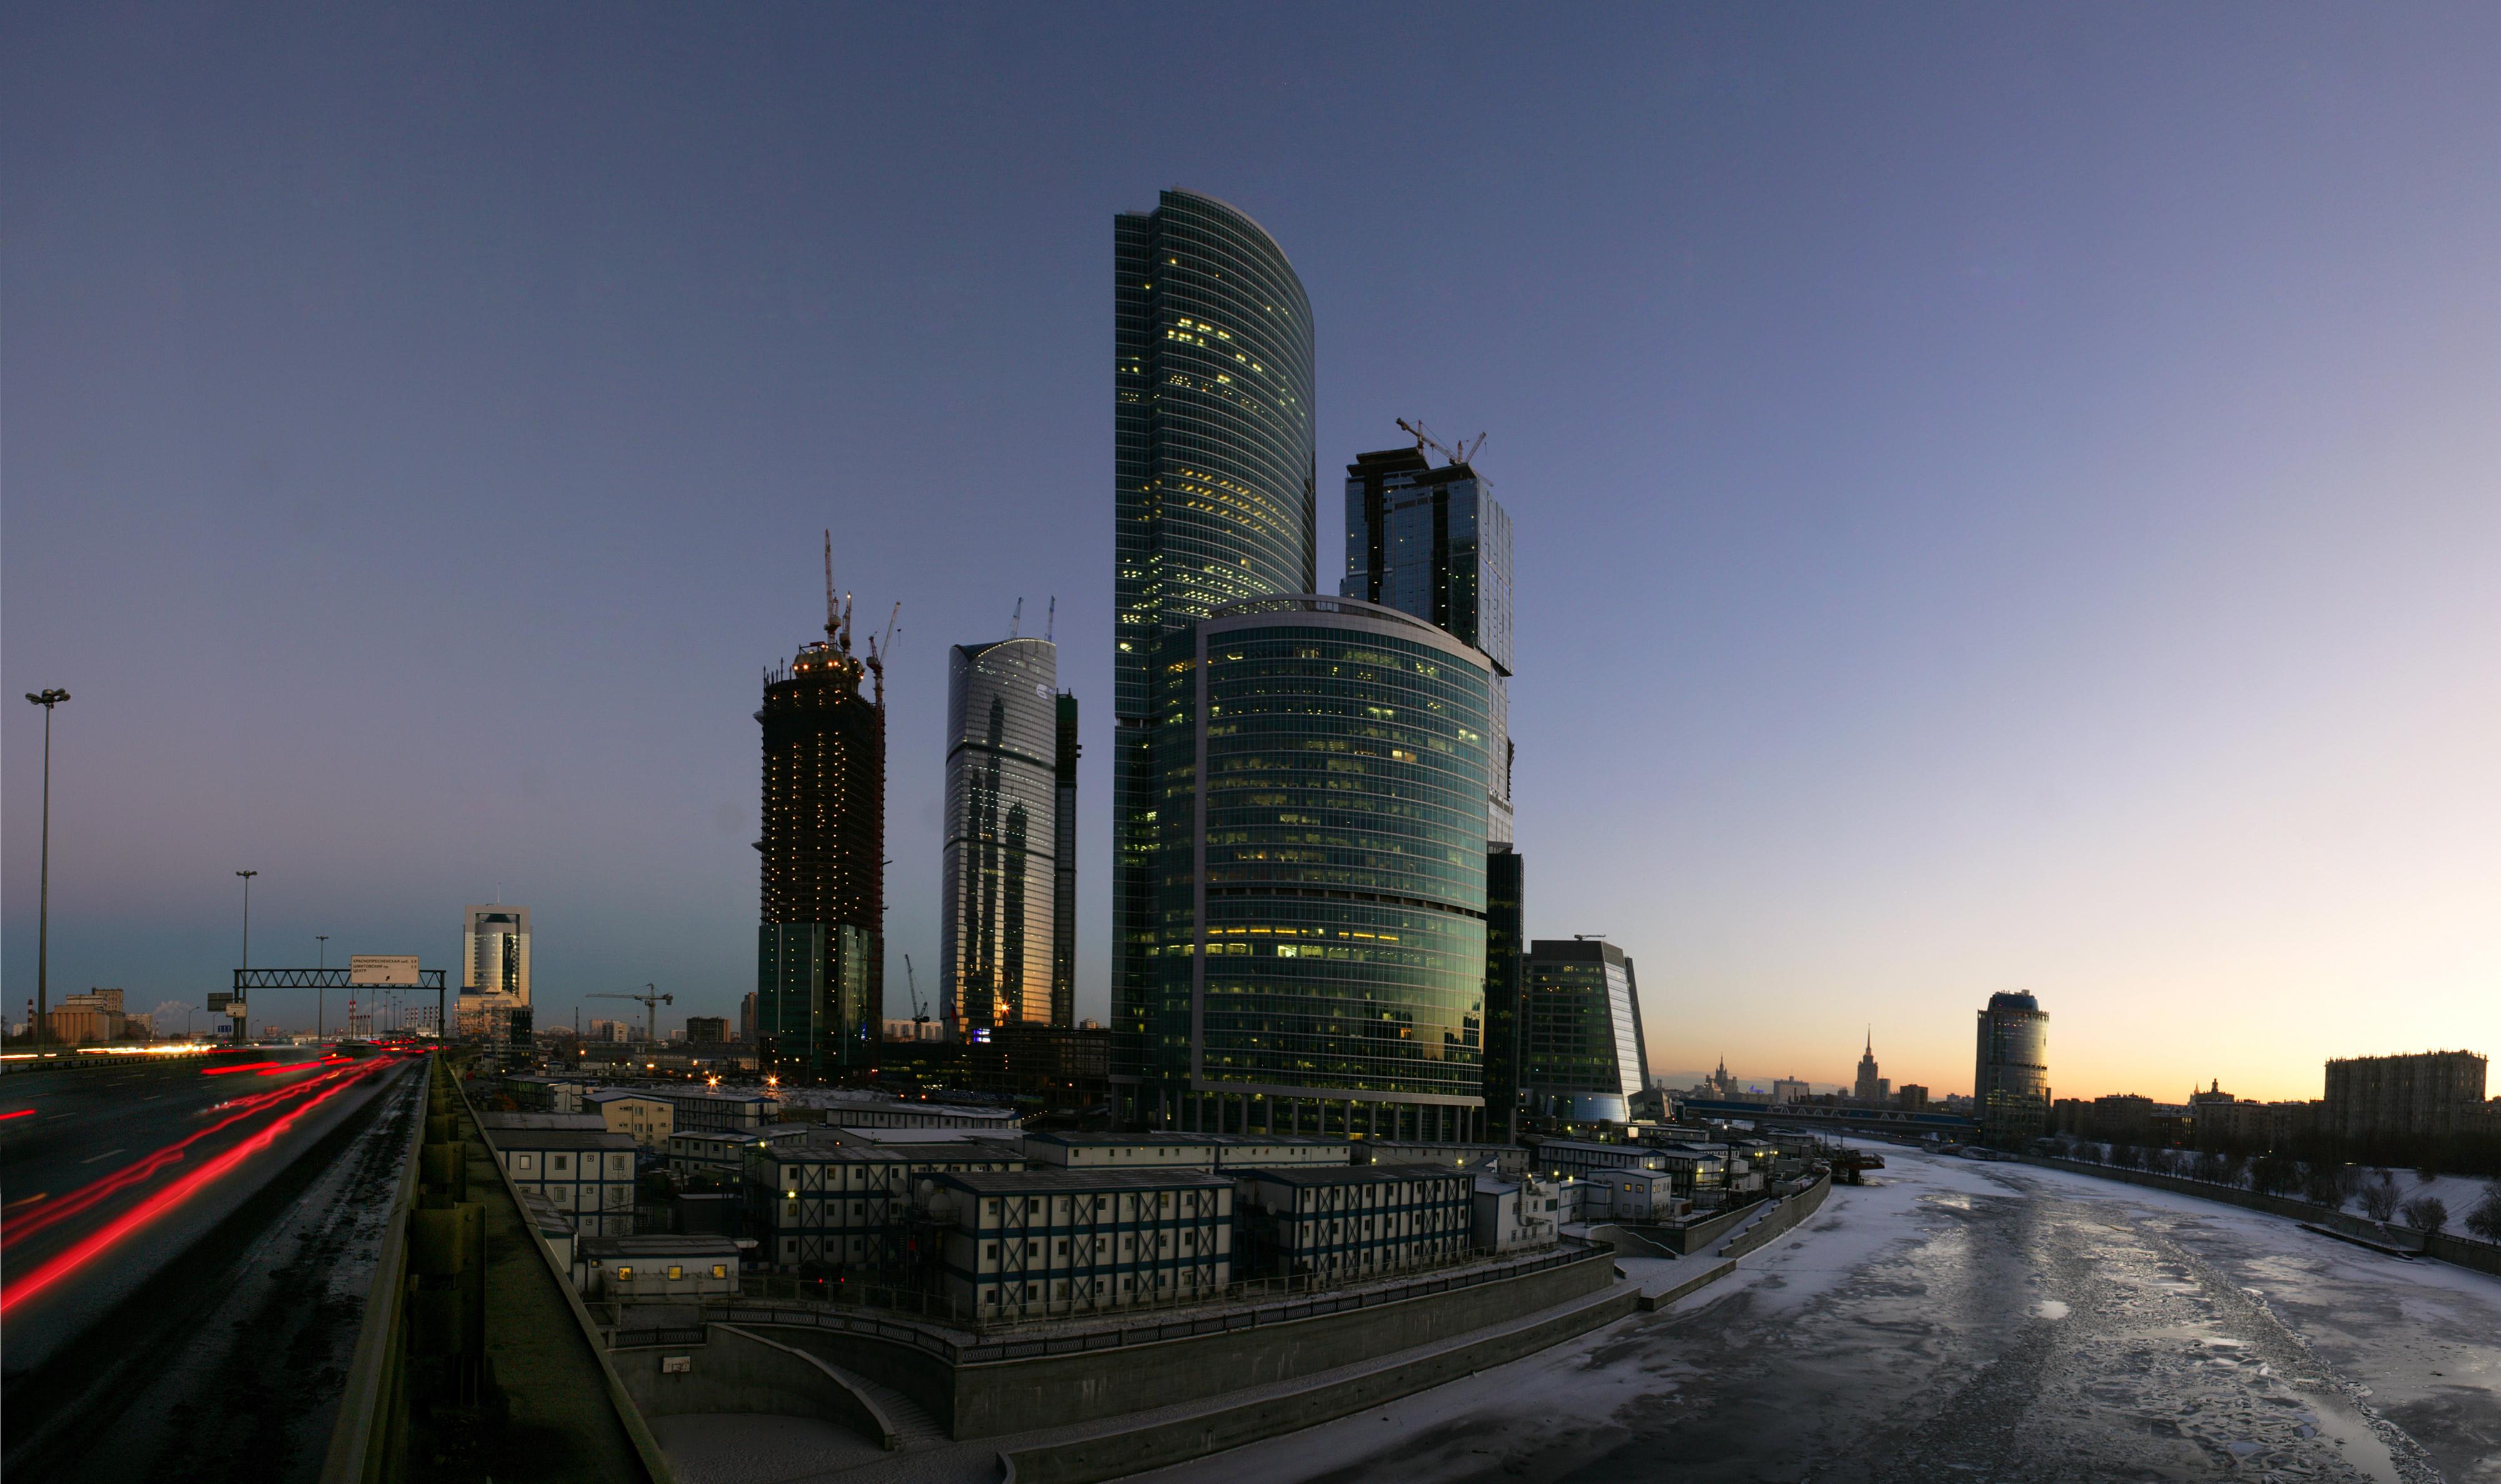 http://www.ljplus.ru/img4/m/i/miraxmedia/city_evening.jpg